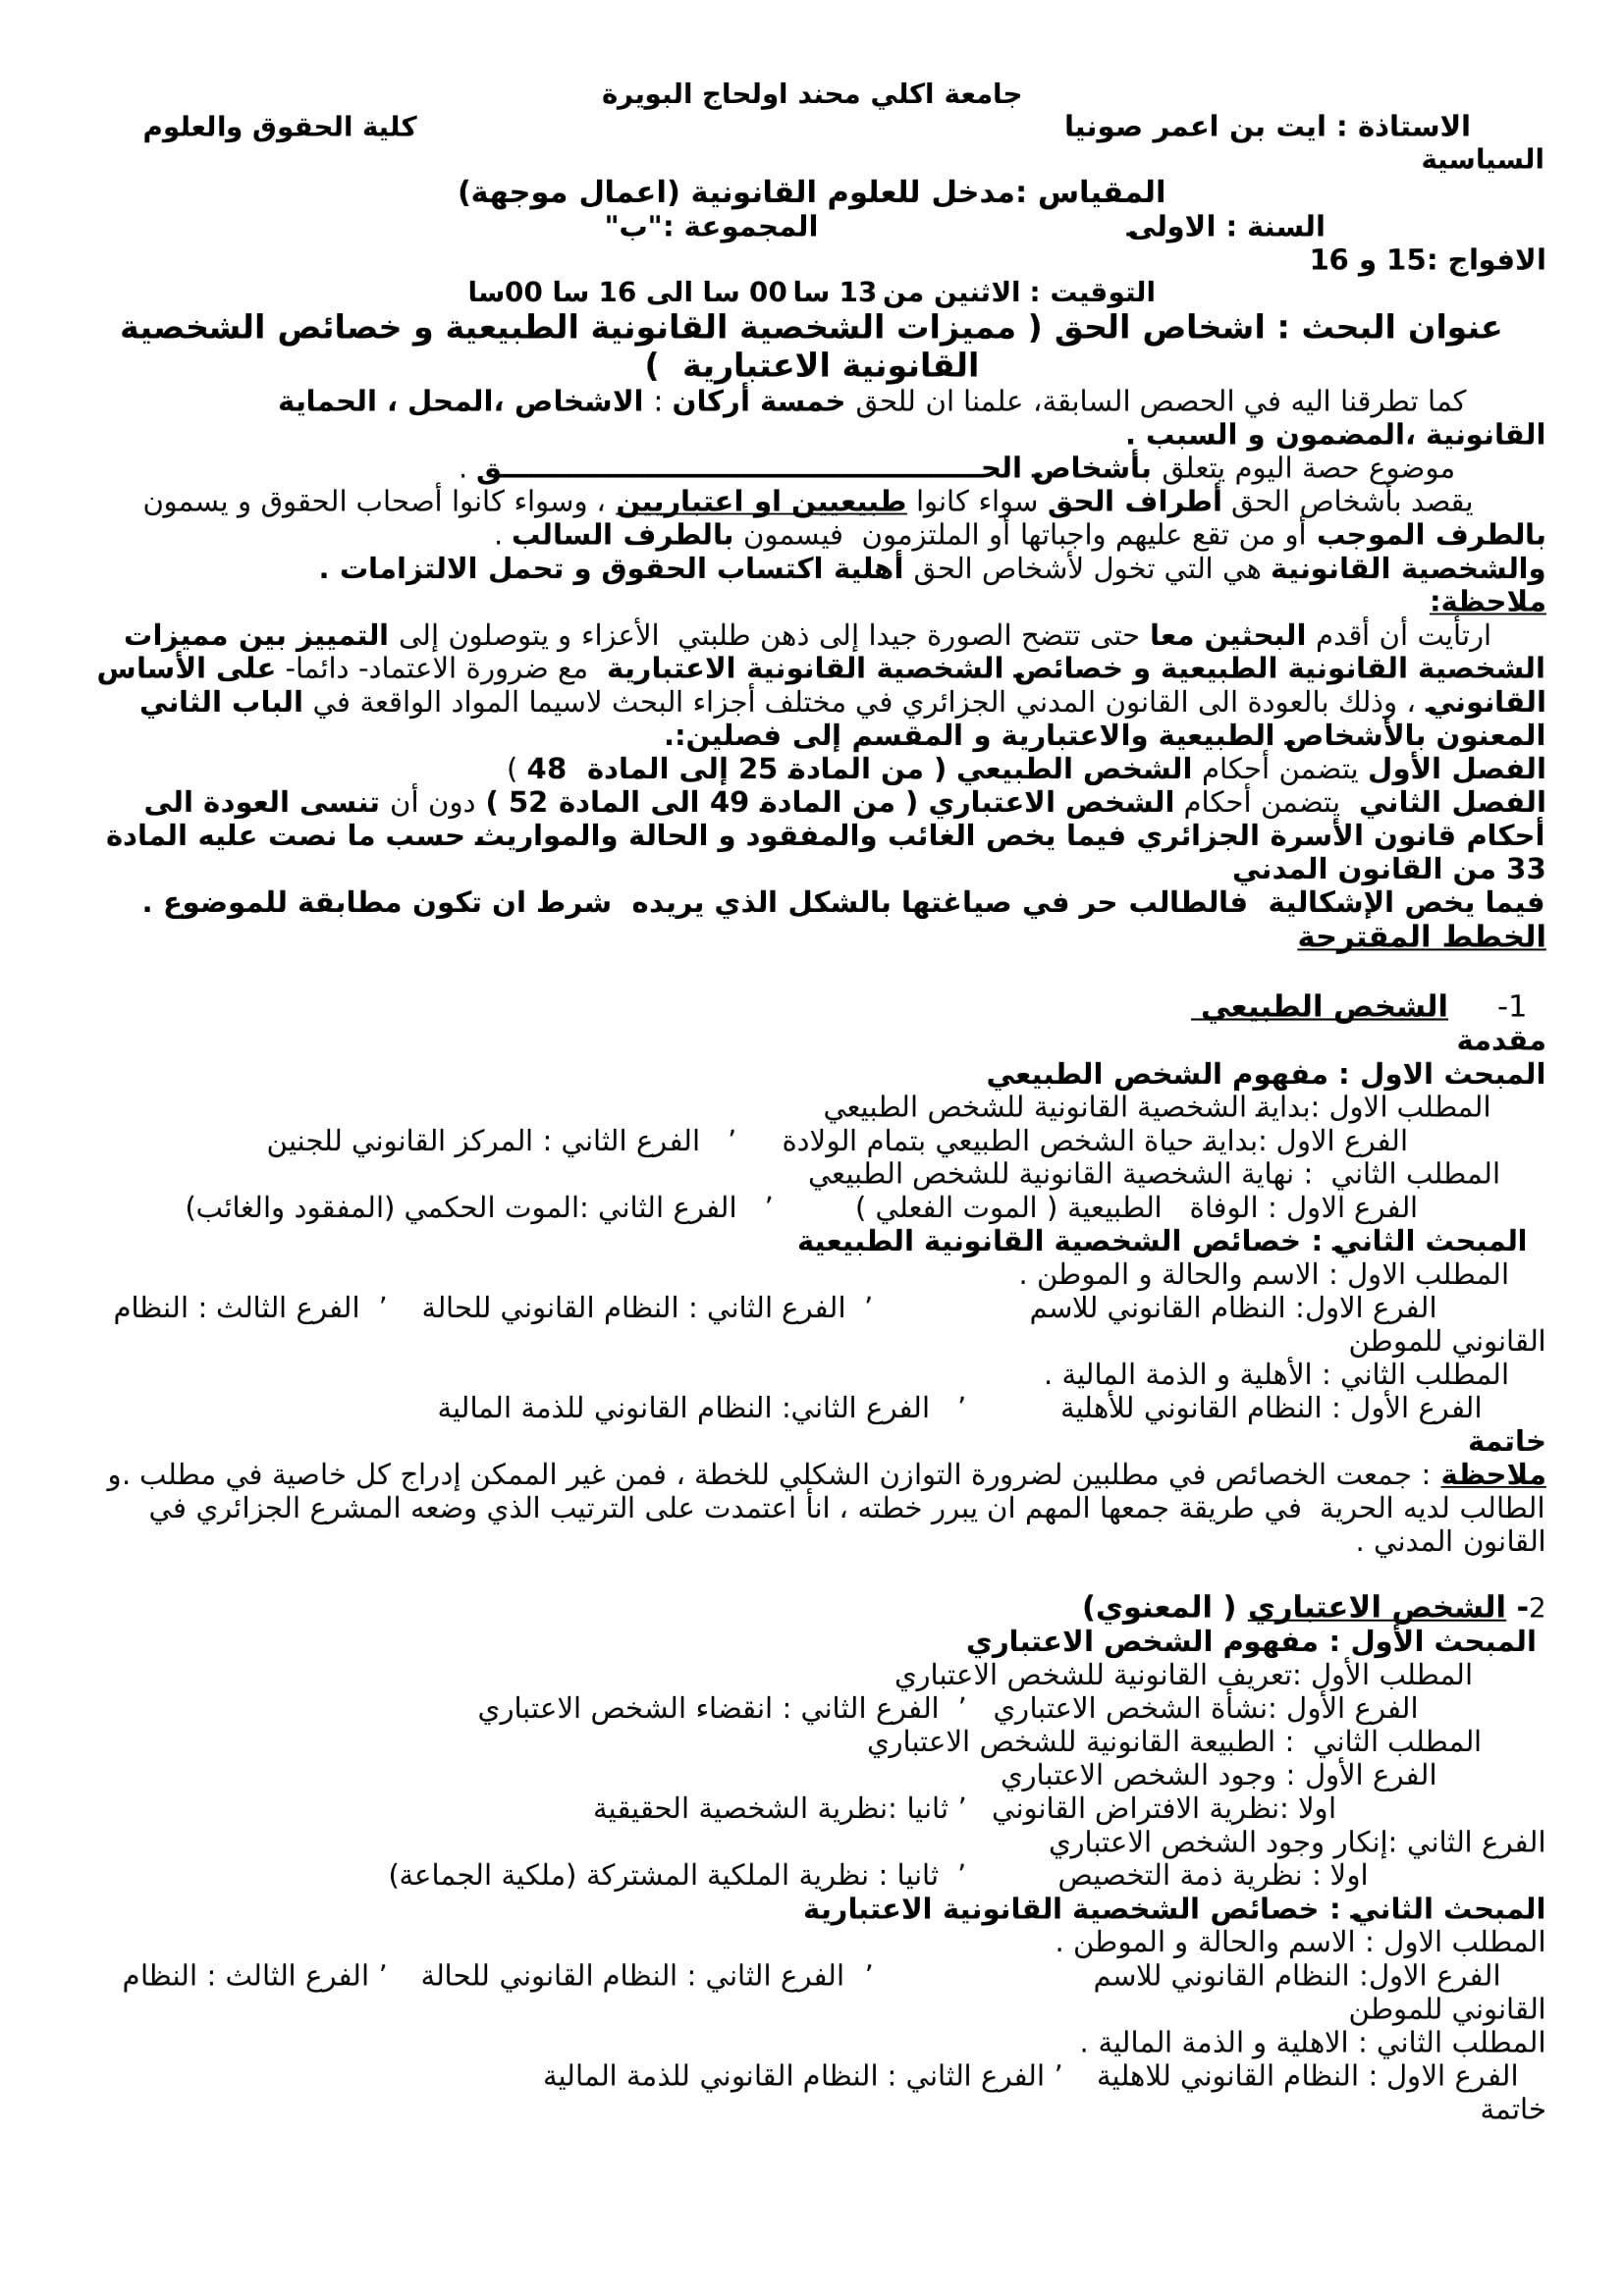 اعمال موجهة مدخل للعلوم القانونية الفوجين 15-16 س 1